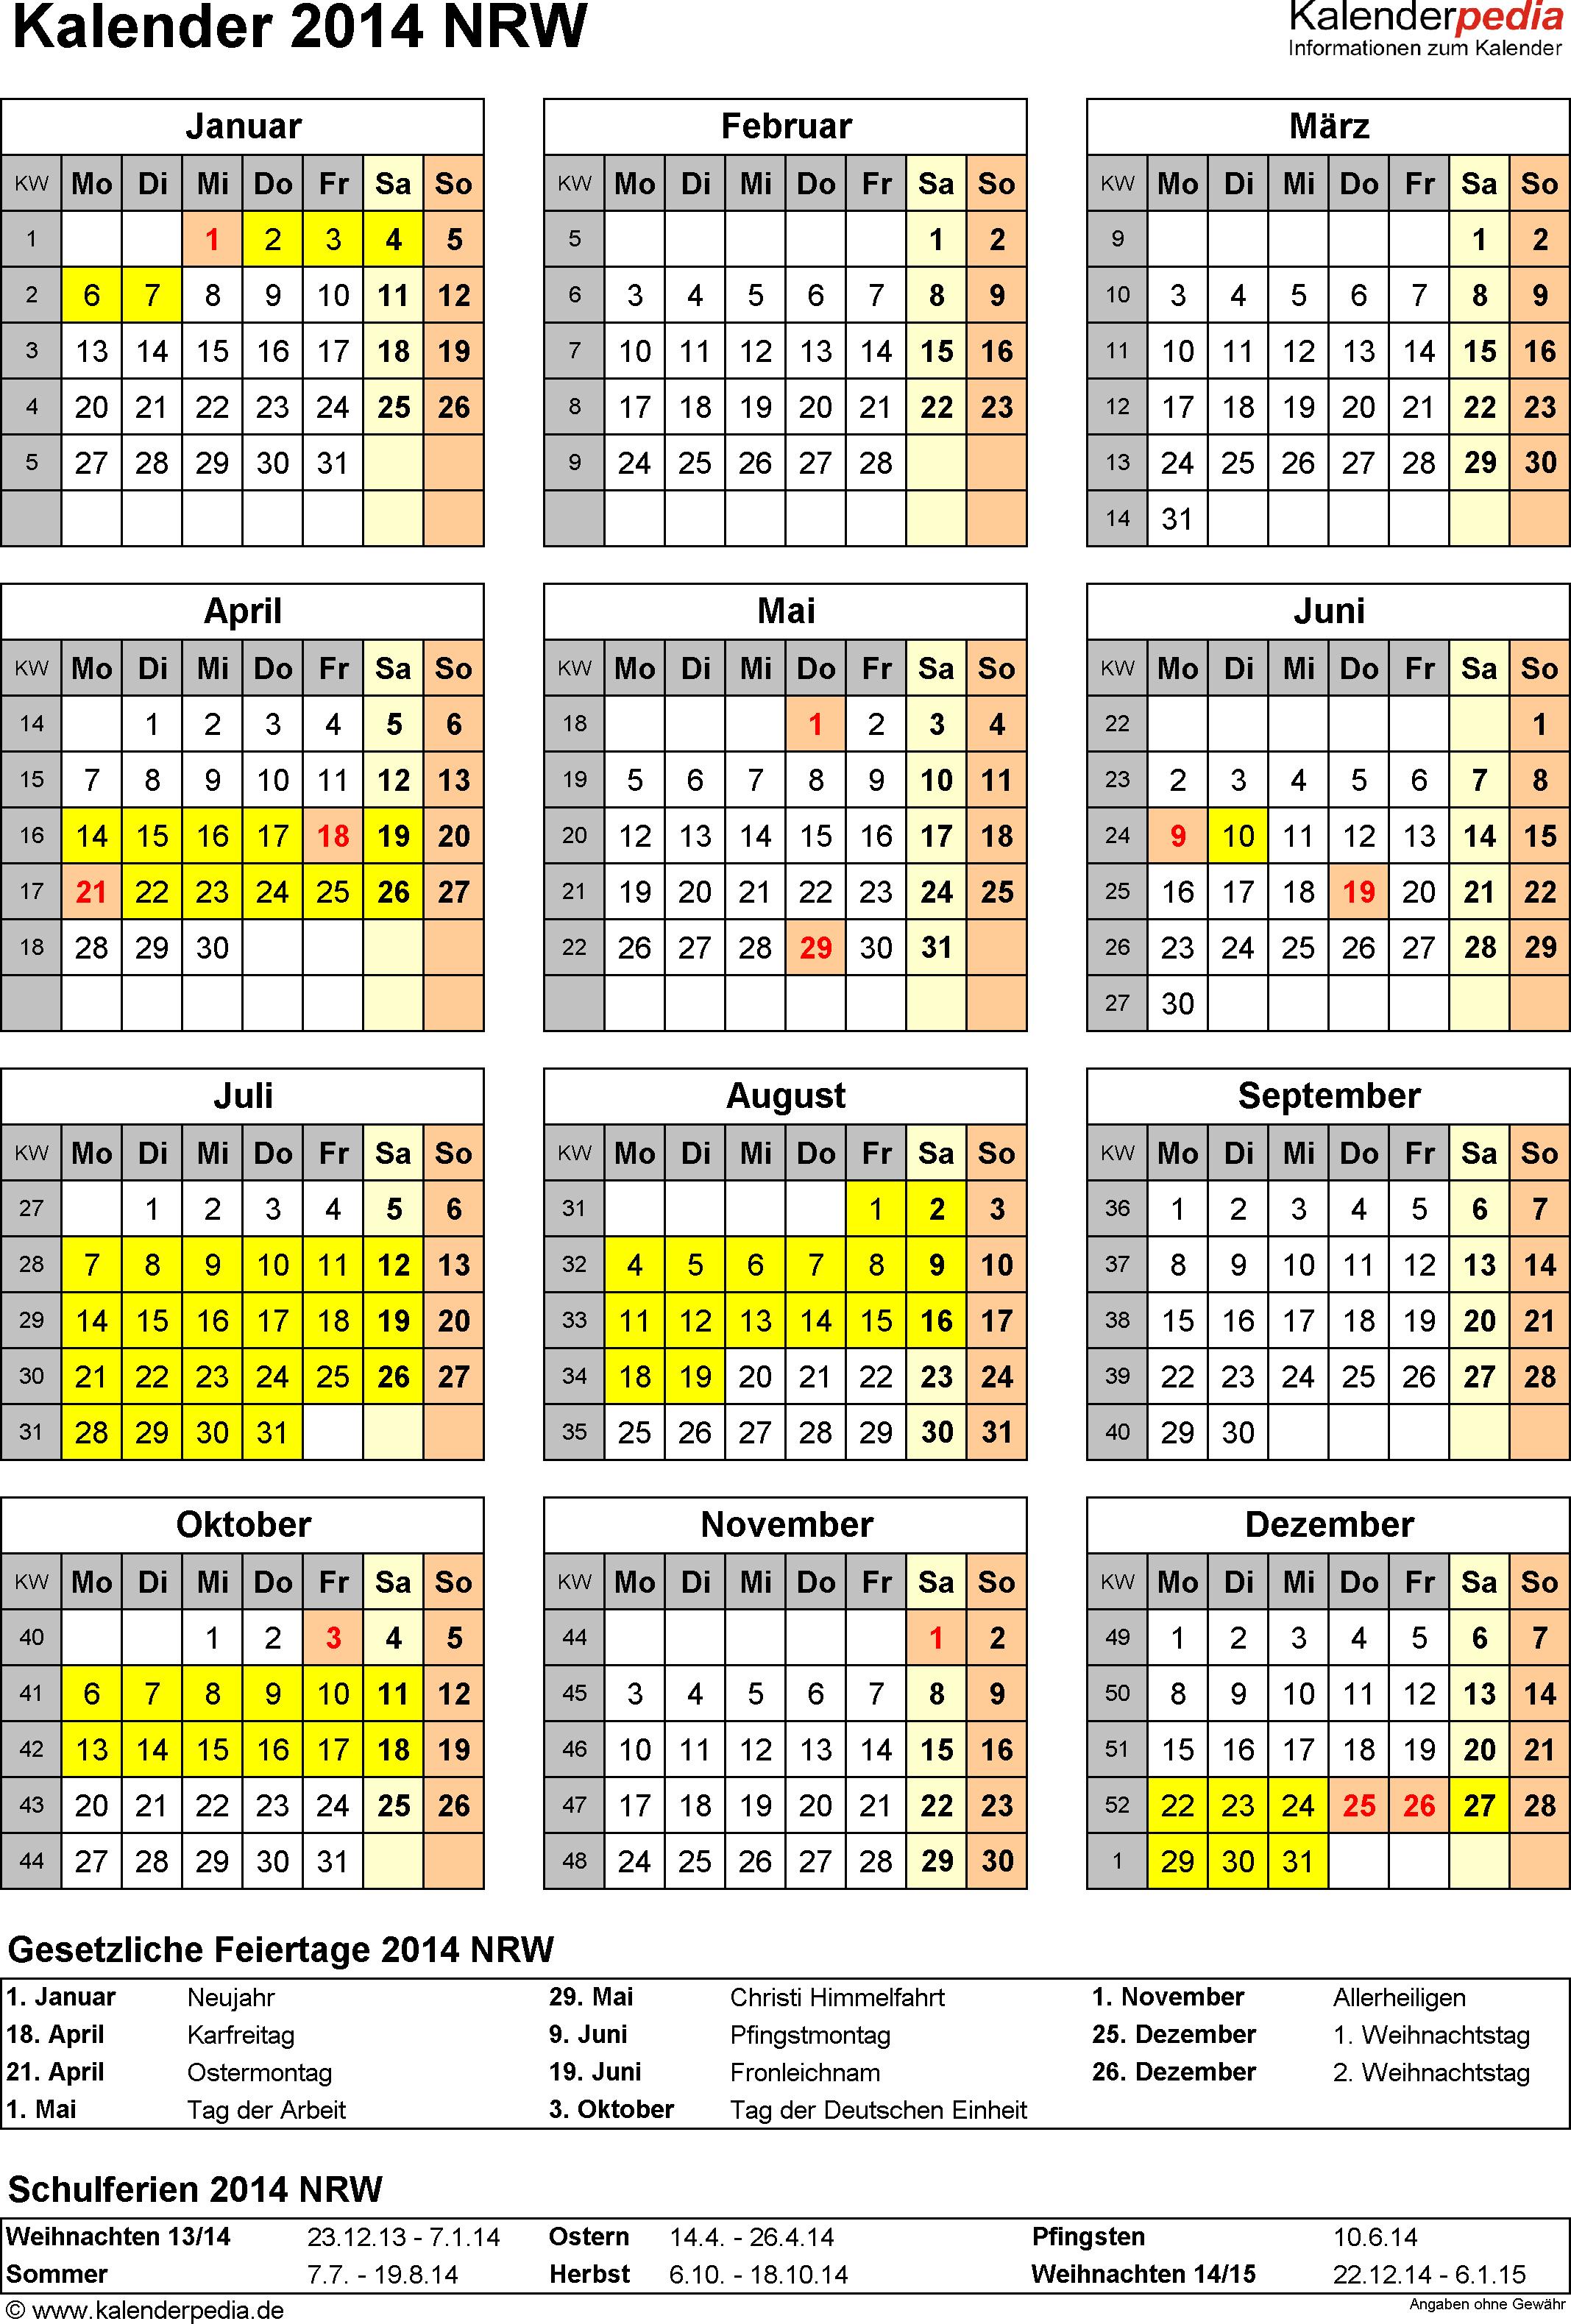 Vorlage 4: Kalender Nordrhein-Westfalen (NRW) 2014 als Excel-Vorlage (Hochformat)